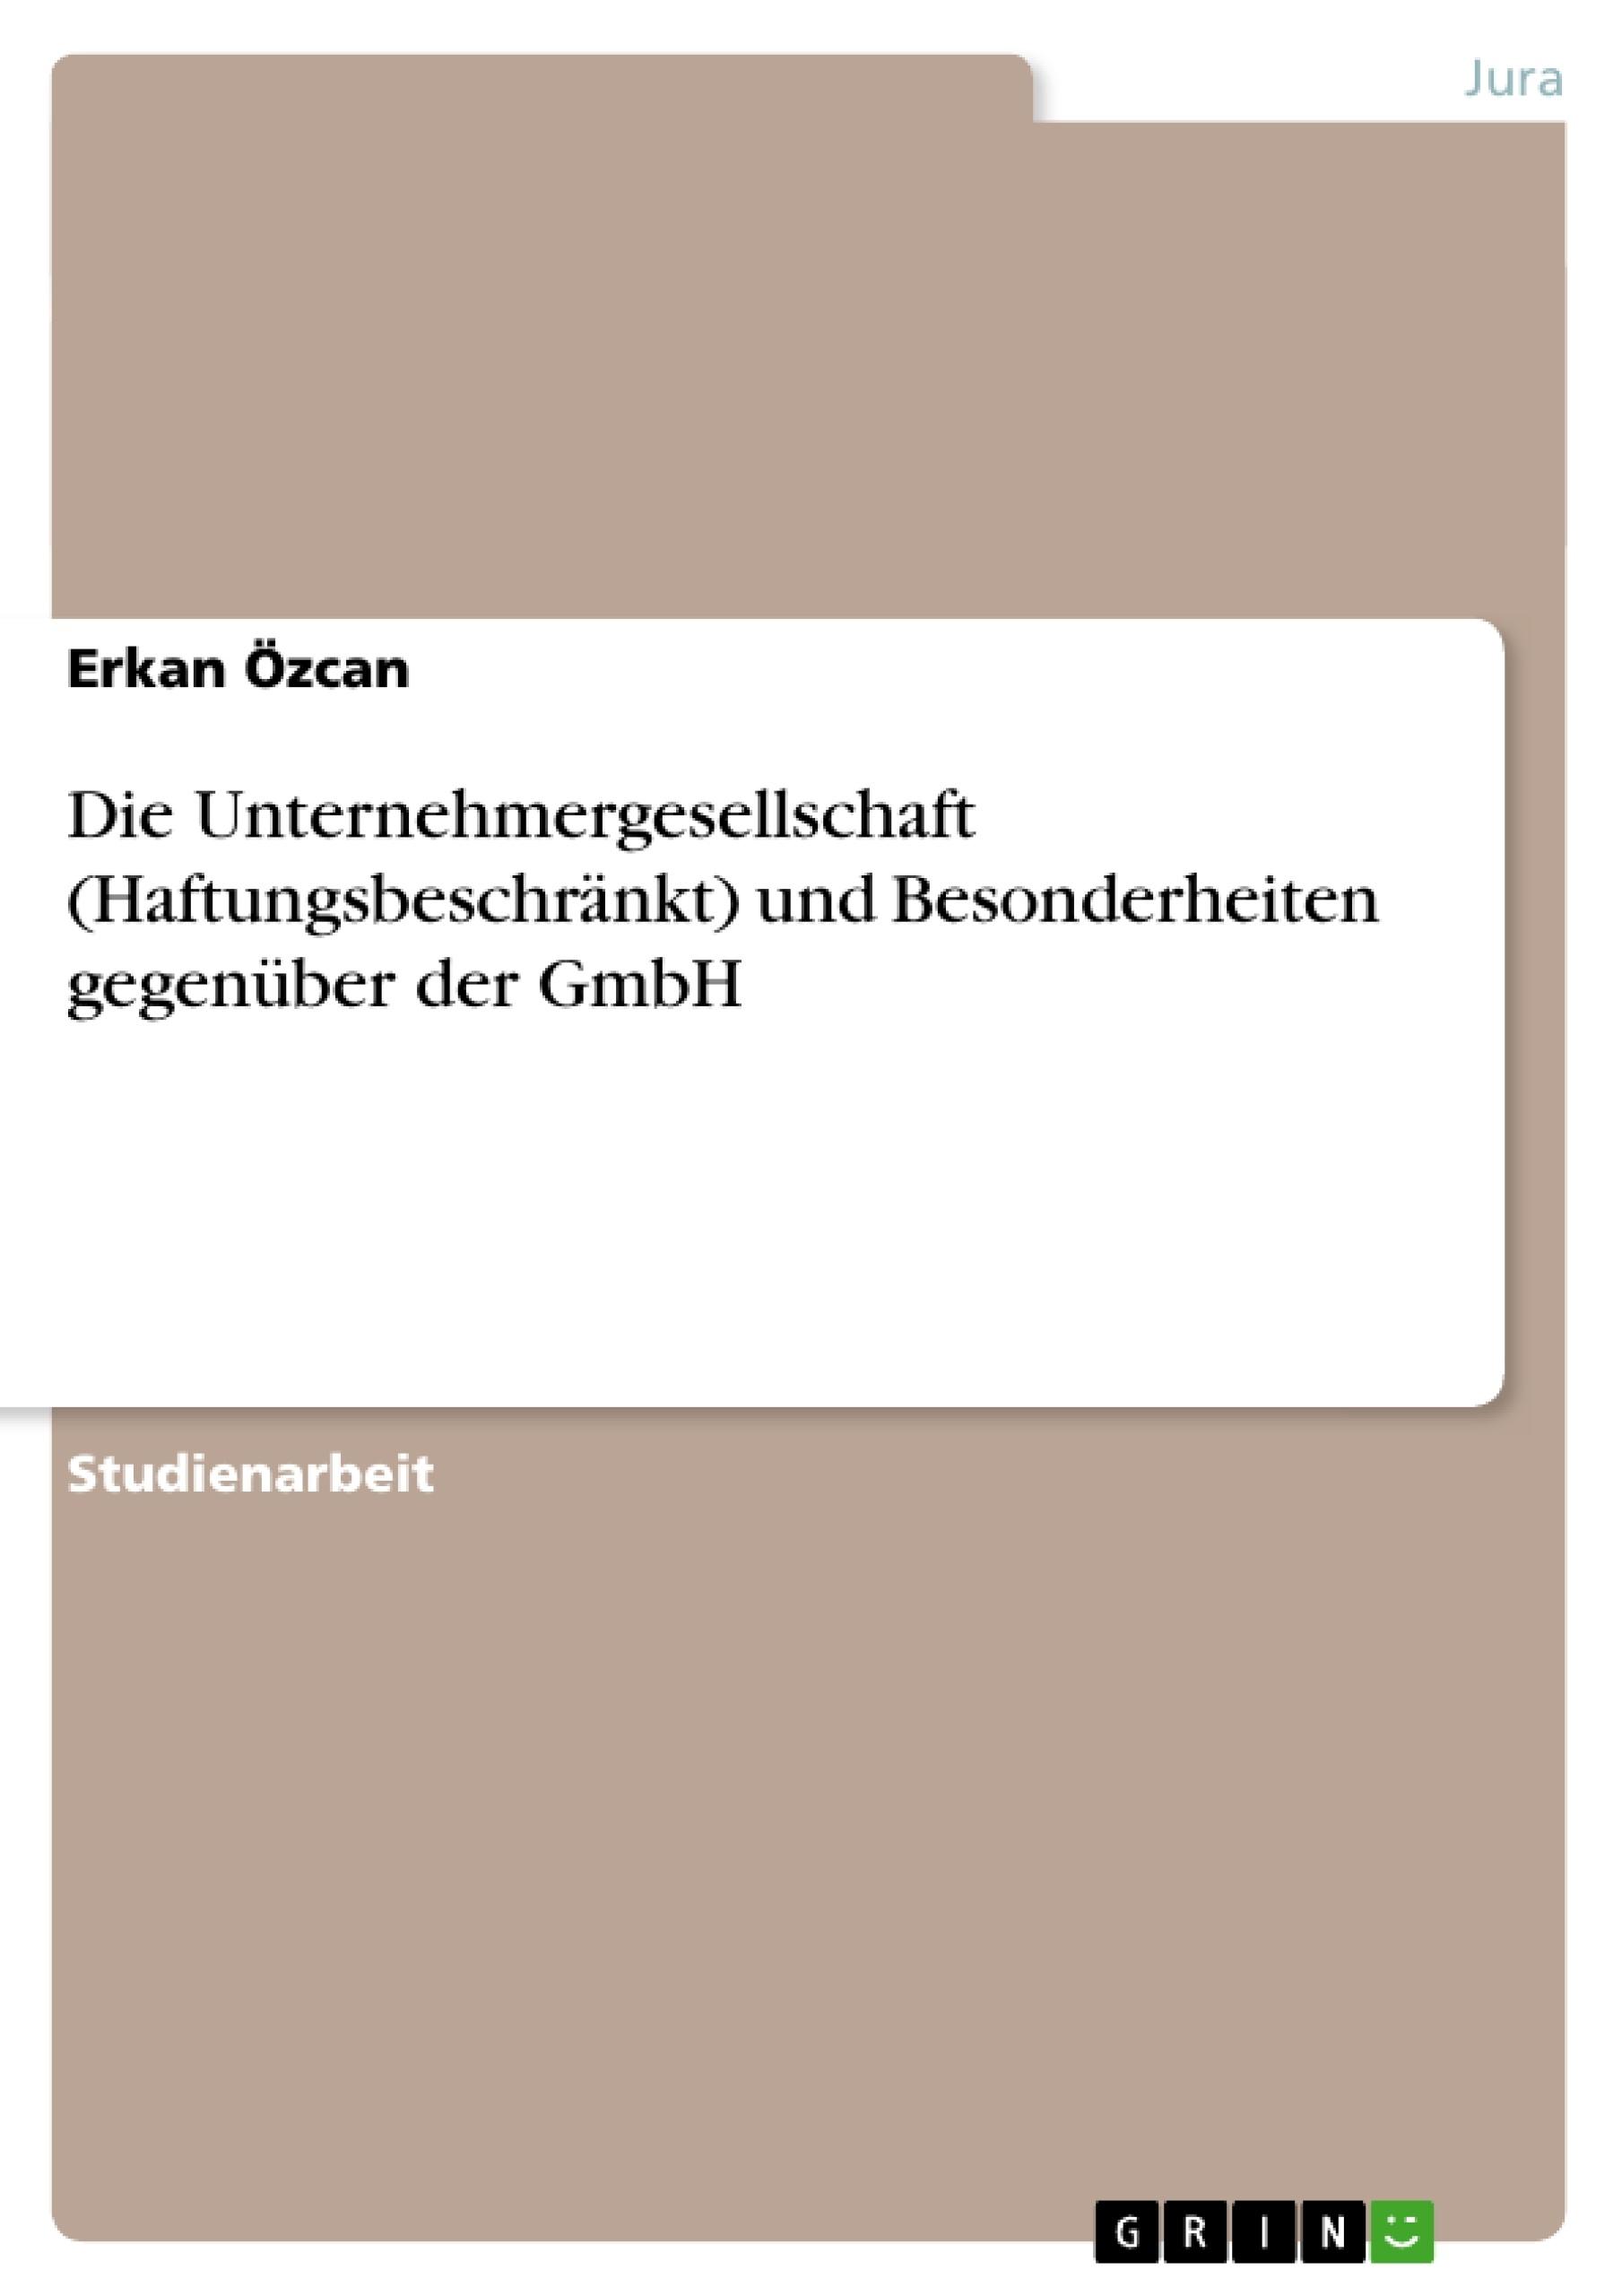 Titel: Die Unternehmergesellschaft (Haftungsbeschränkt) und Besonderheiten gegenüber der GmbH